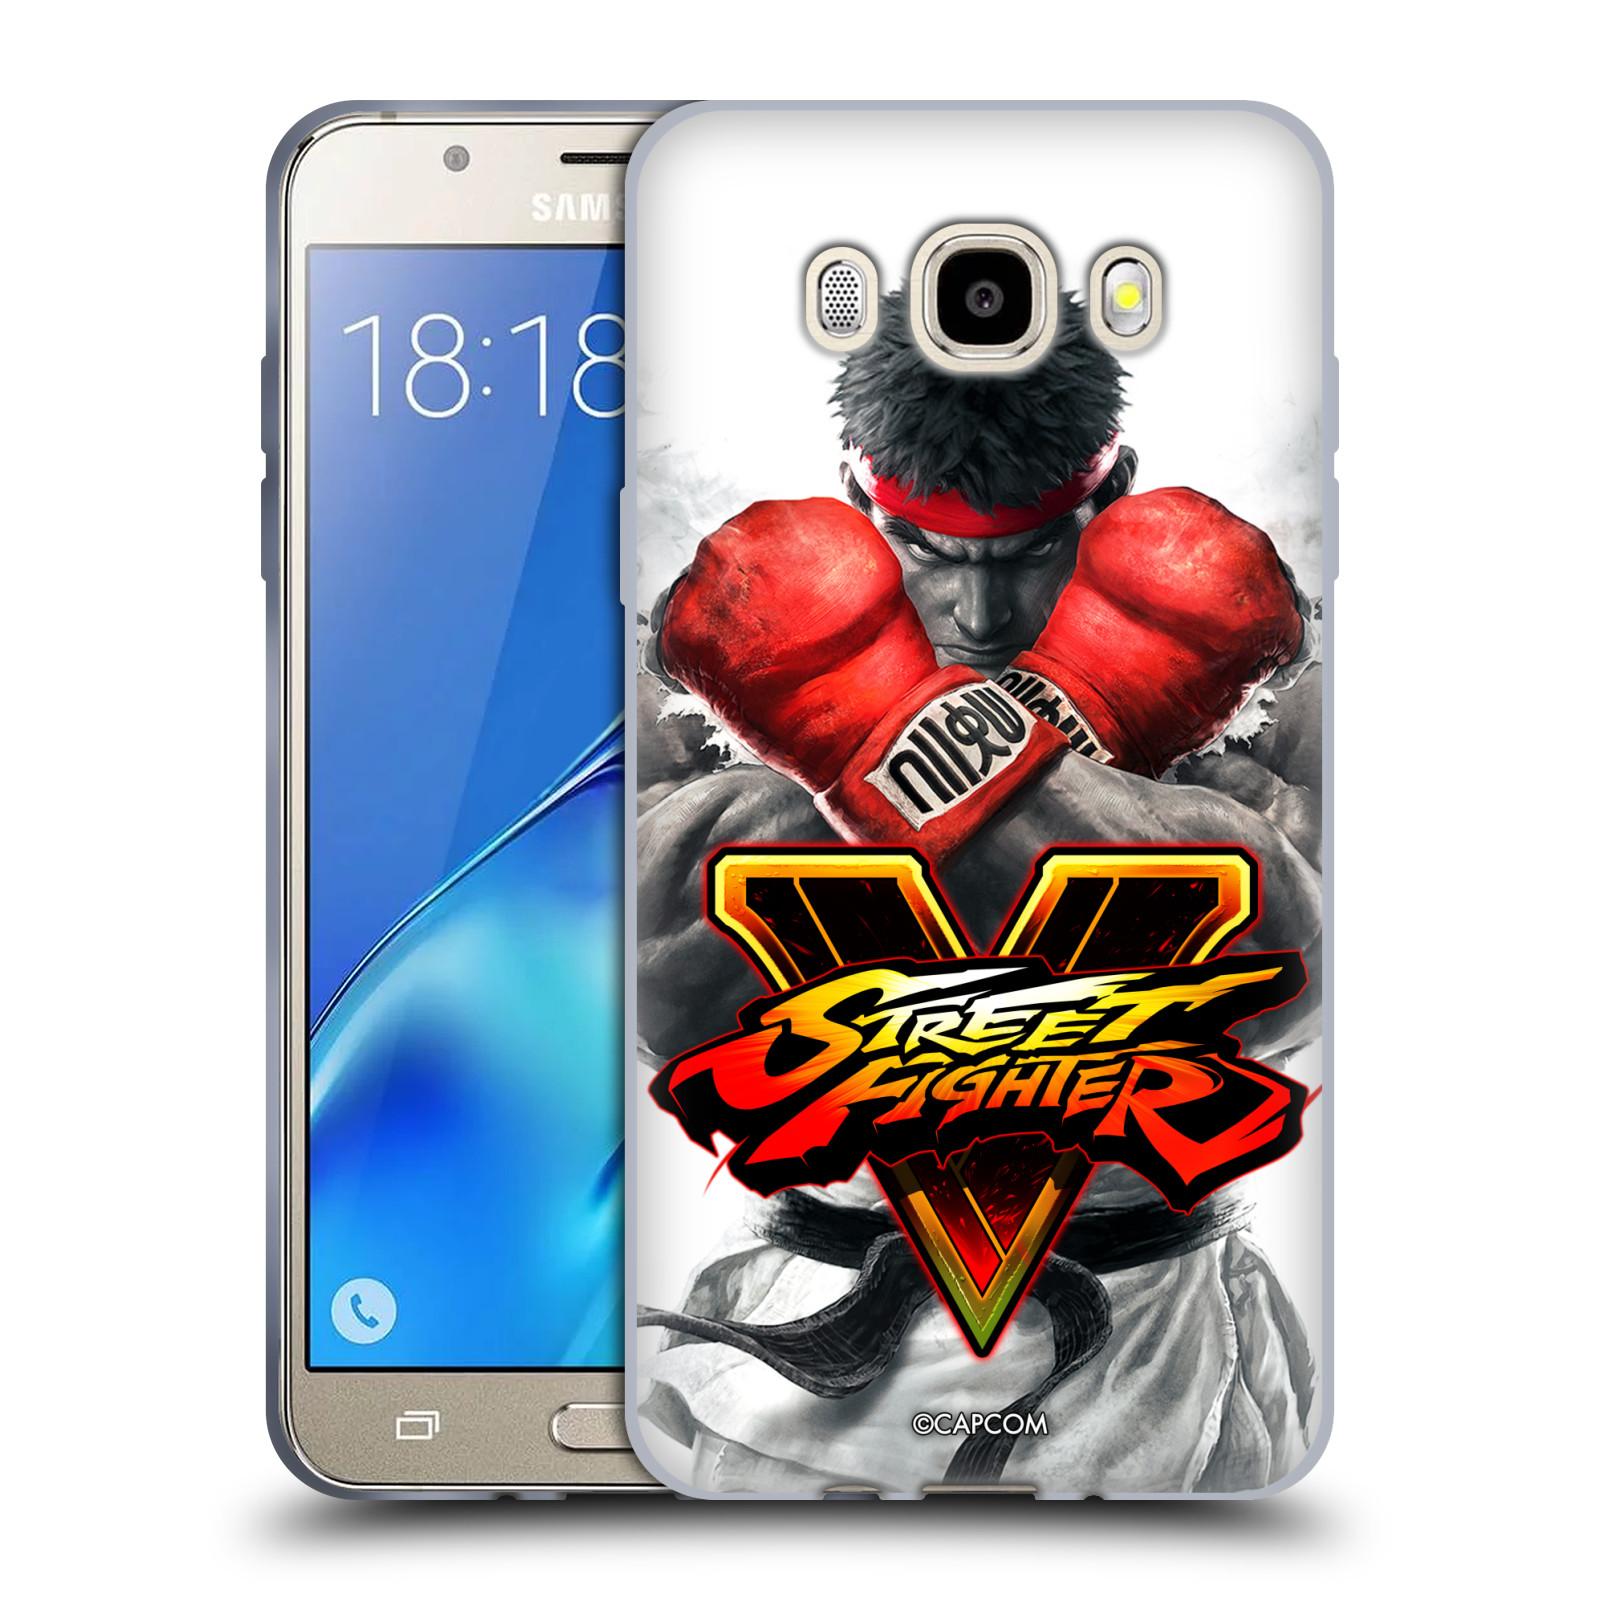 HEAD CASE silikonový obal na mobil Samsung Galaxy J5 2016 (J510) oficiální kryt STREET FIGHTER Boxer Ryu